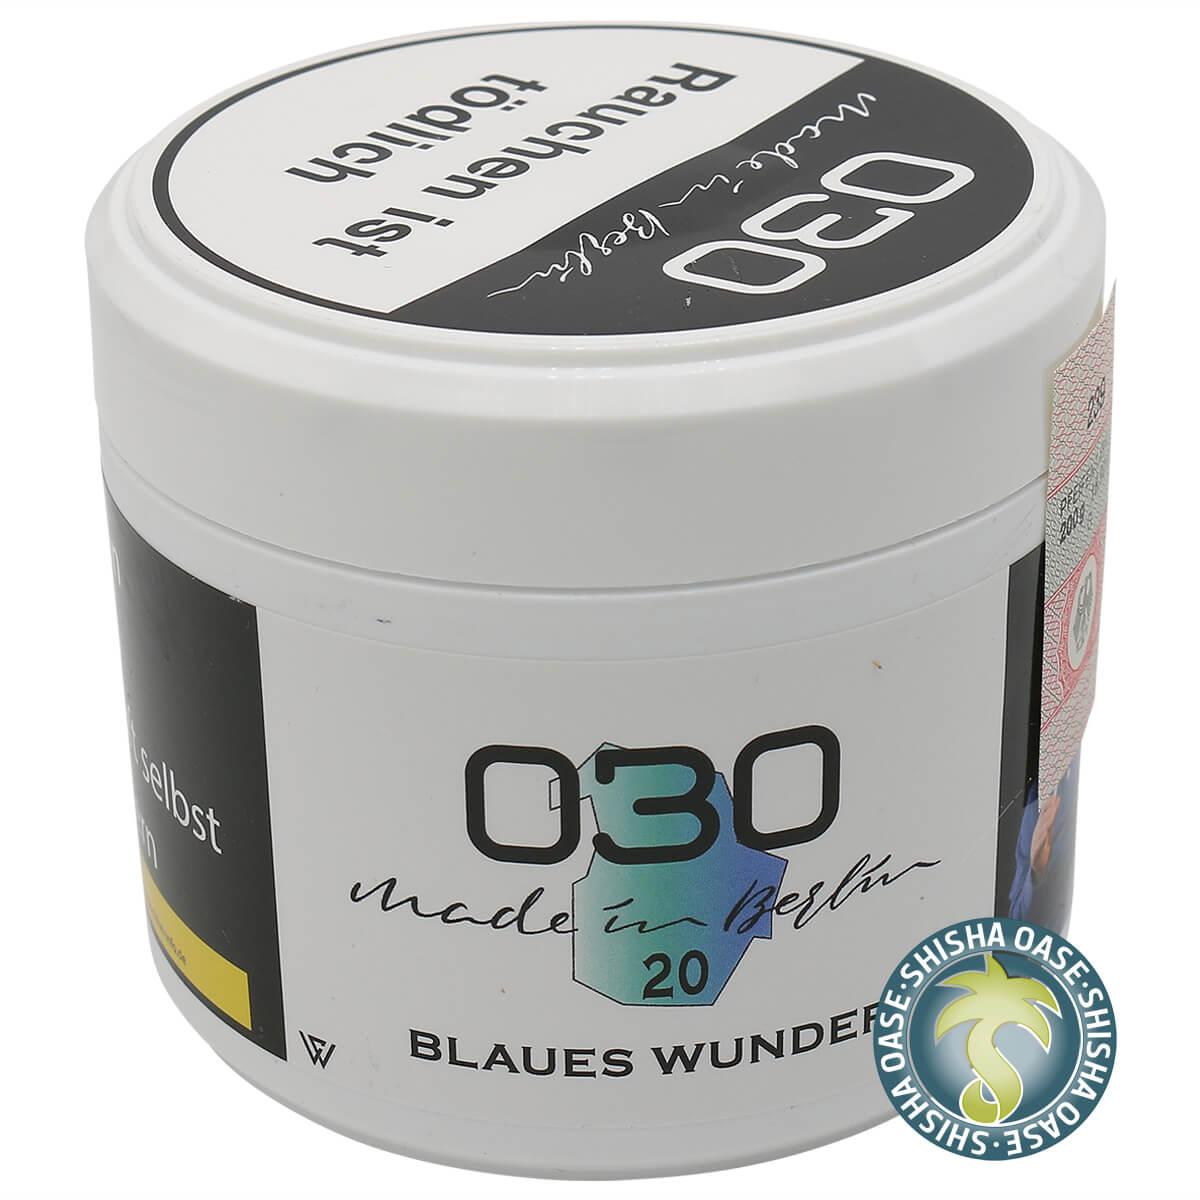 030 Tabak Blaues Wunder 200g